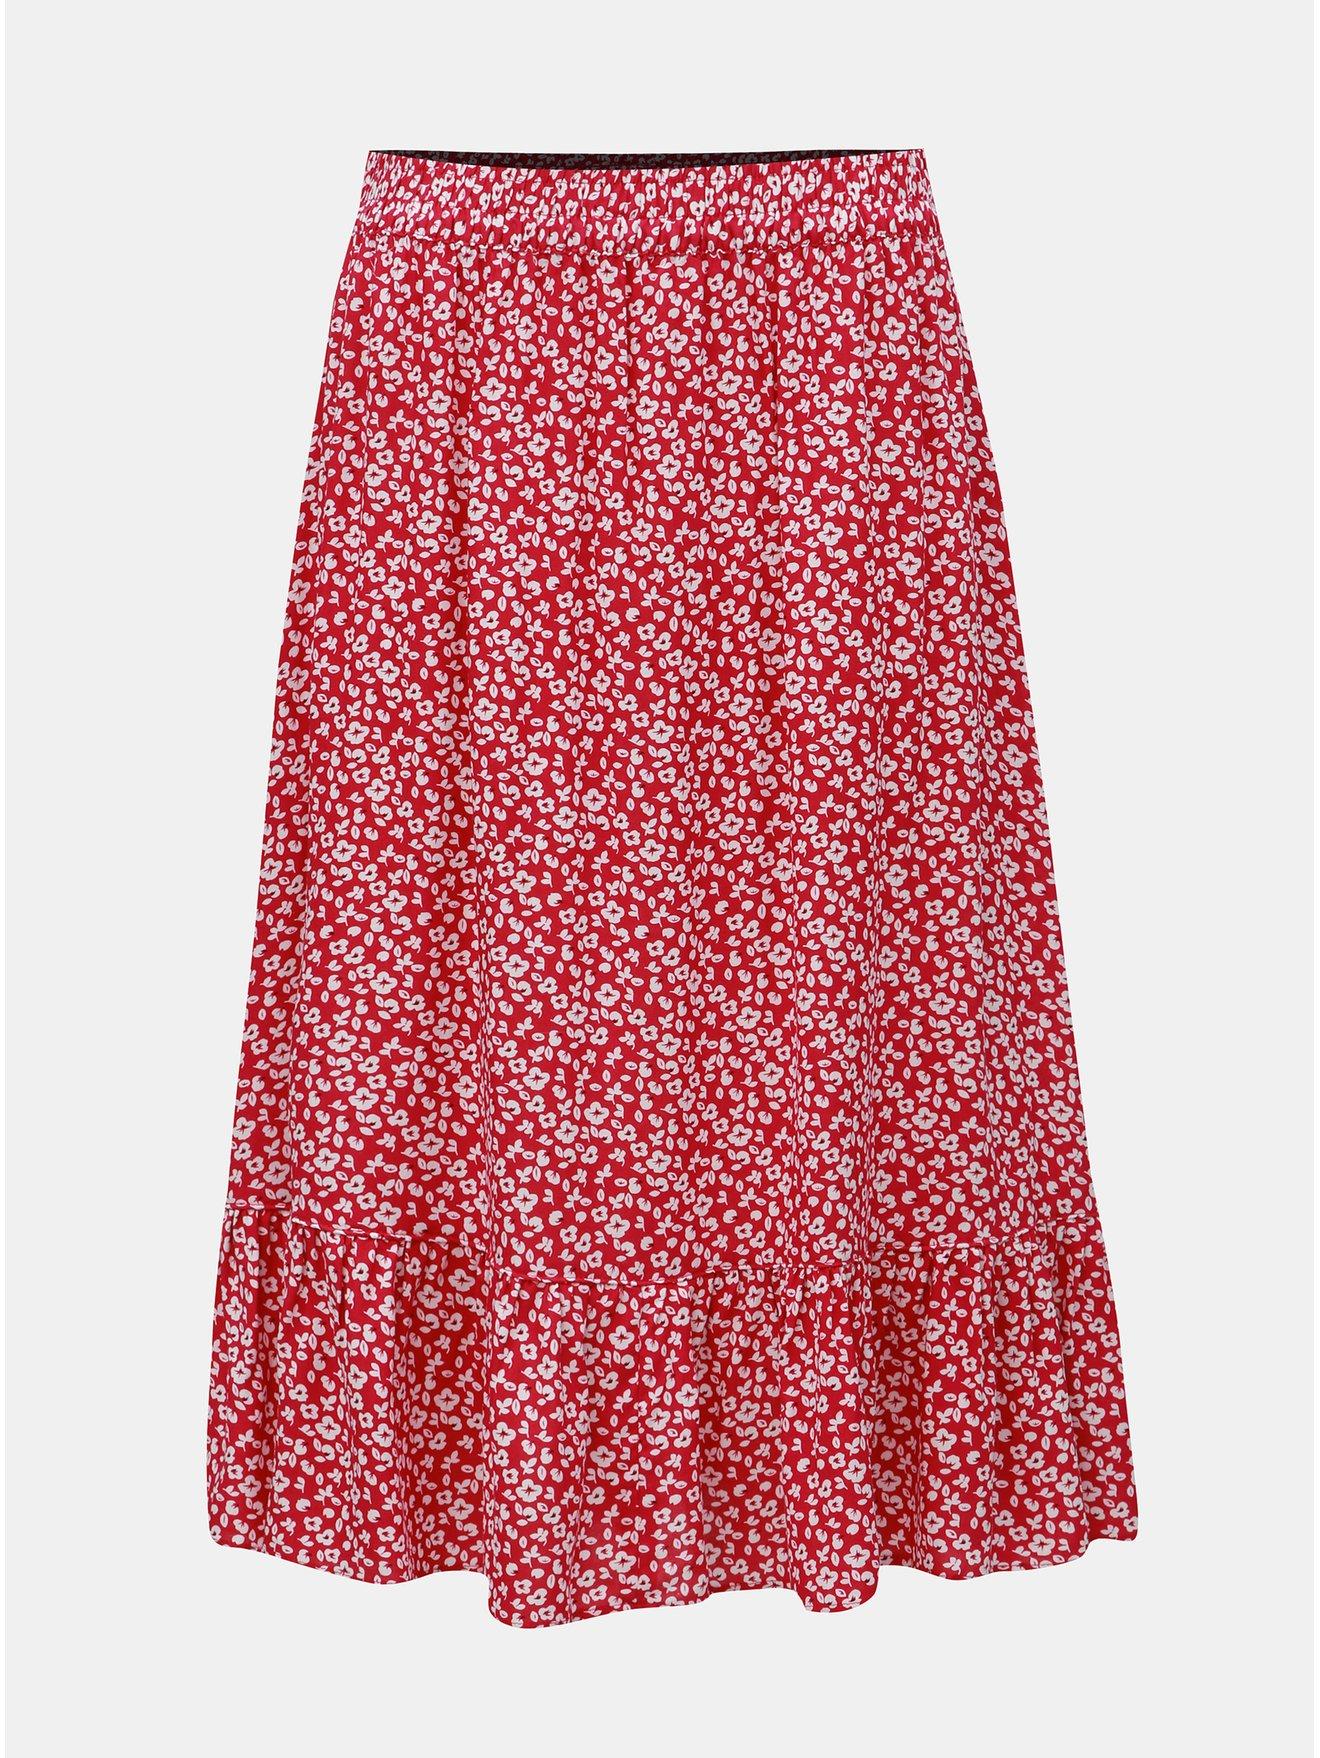 Růžová květovaná sukně Jacqueline de Yong Star Frill